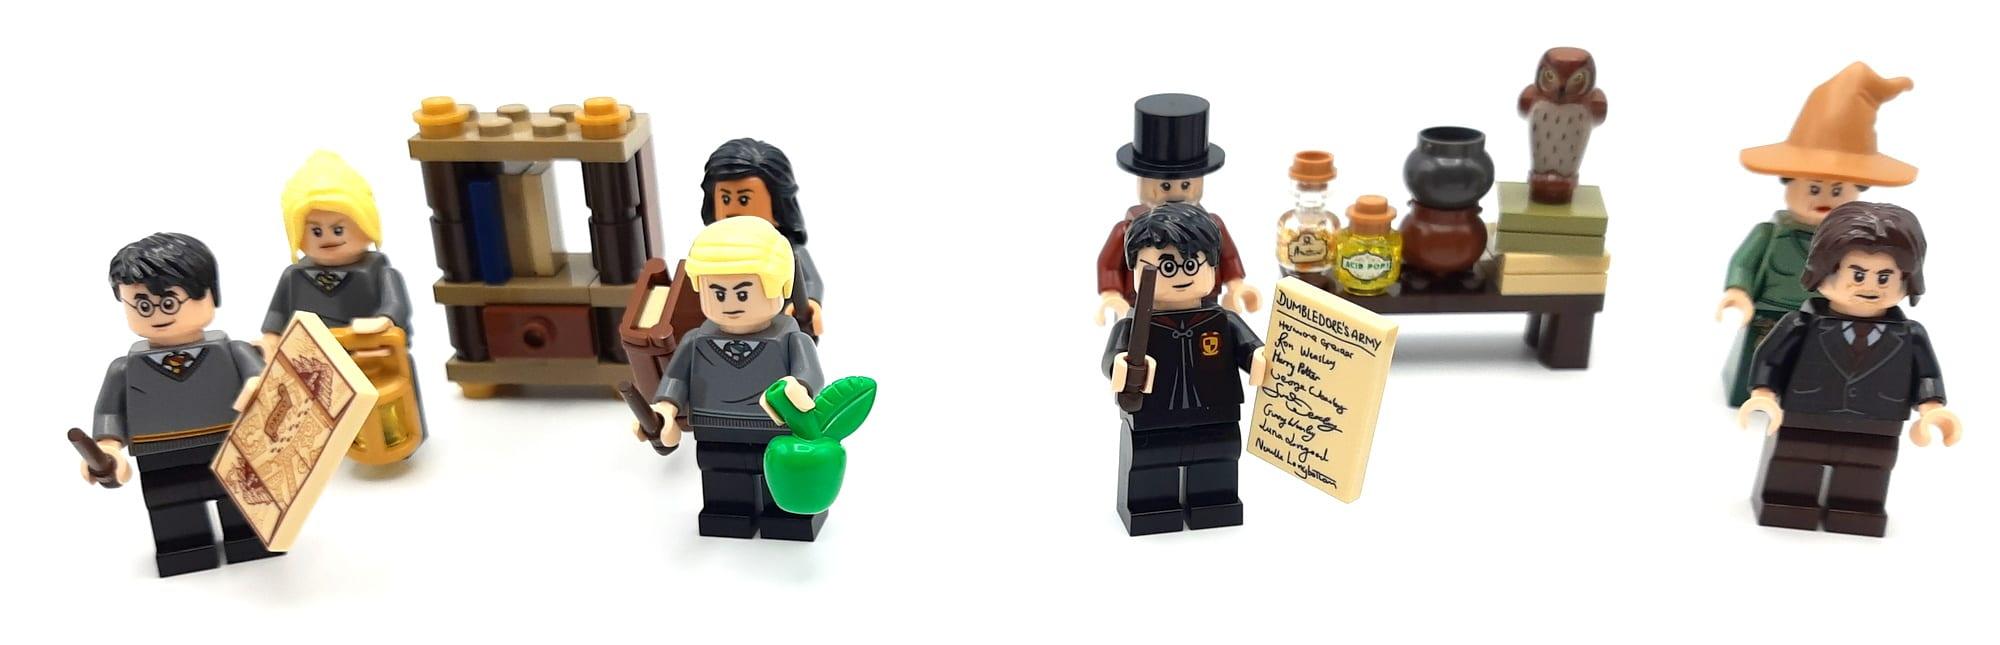 LEGO 40500 Minifiguren Aus Der Zauberwelt Vergleich